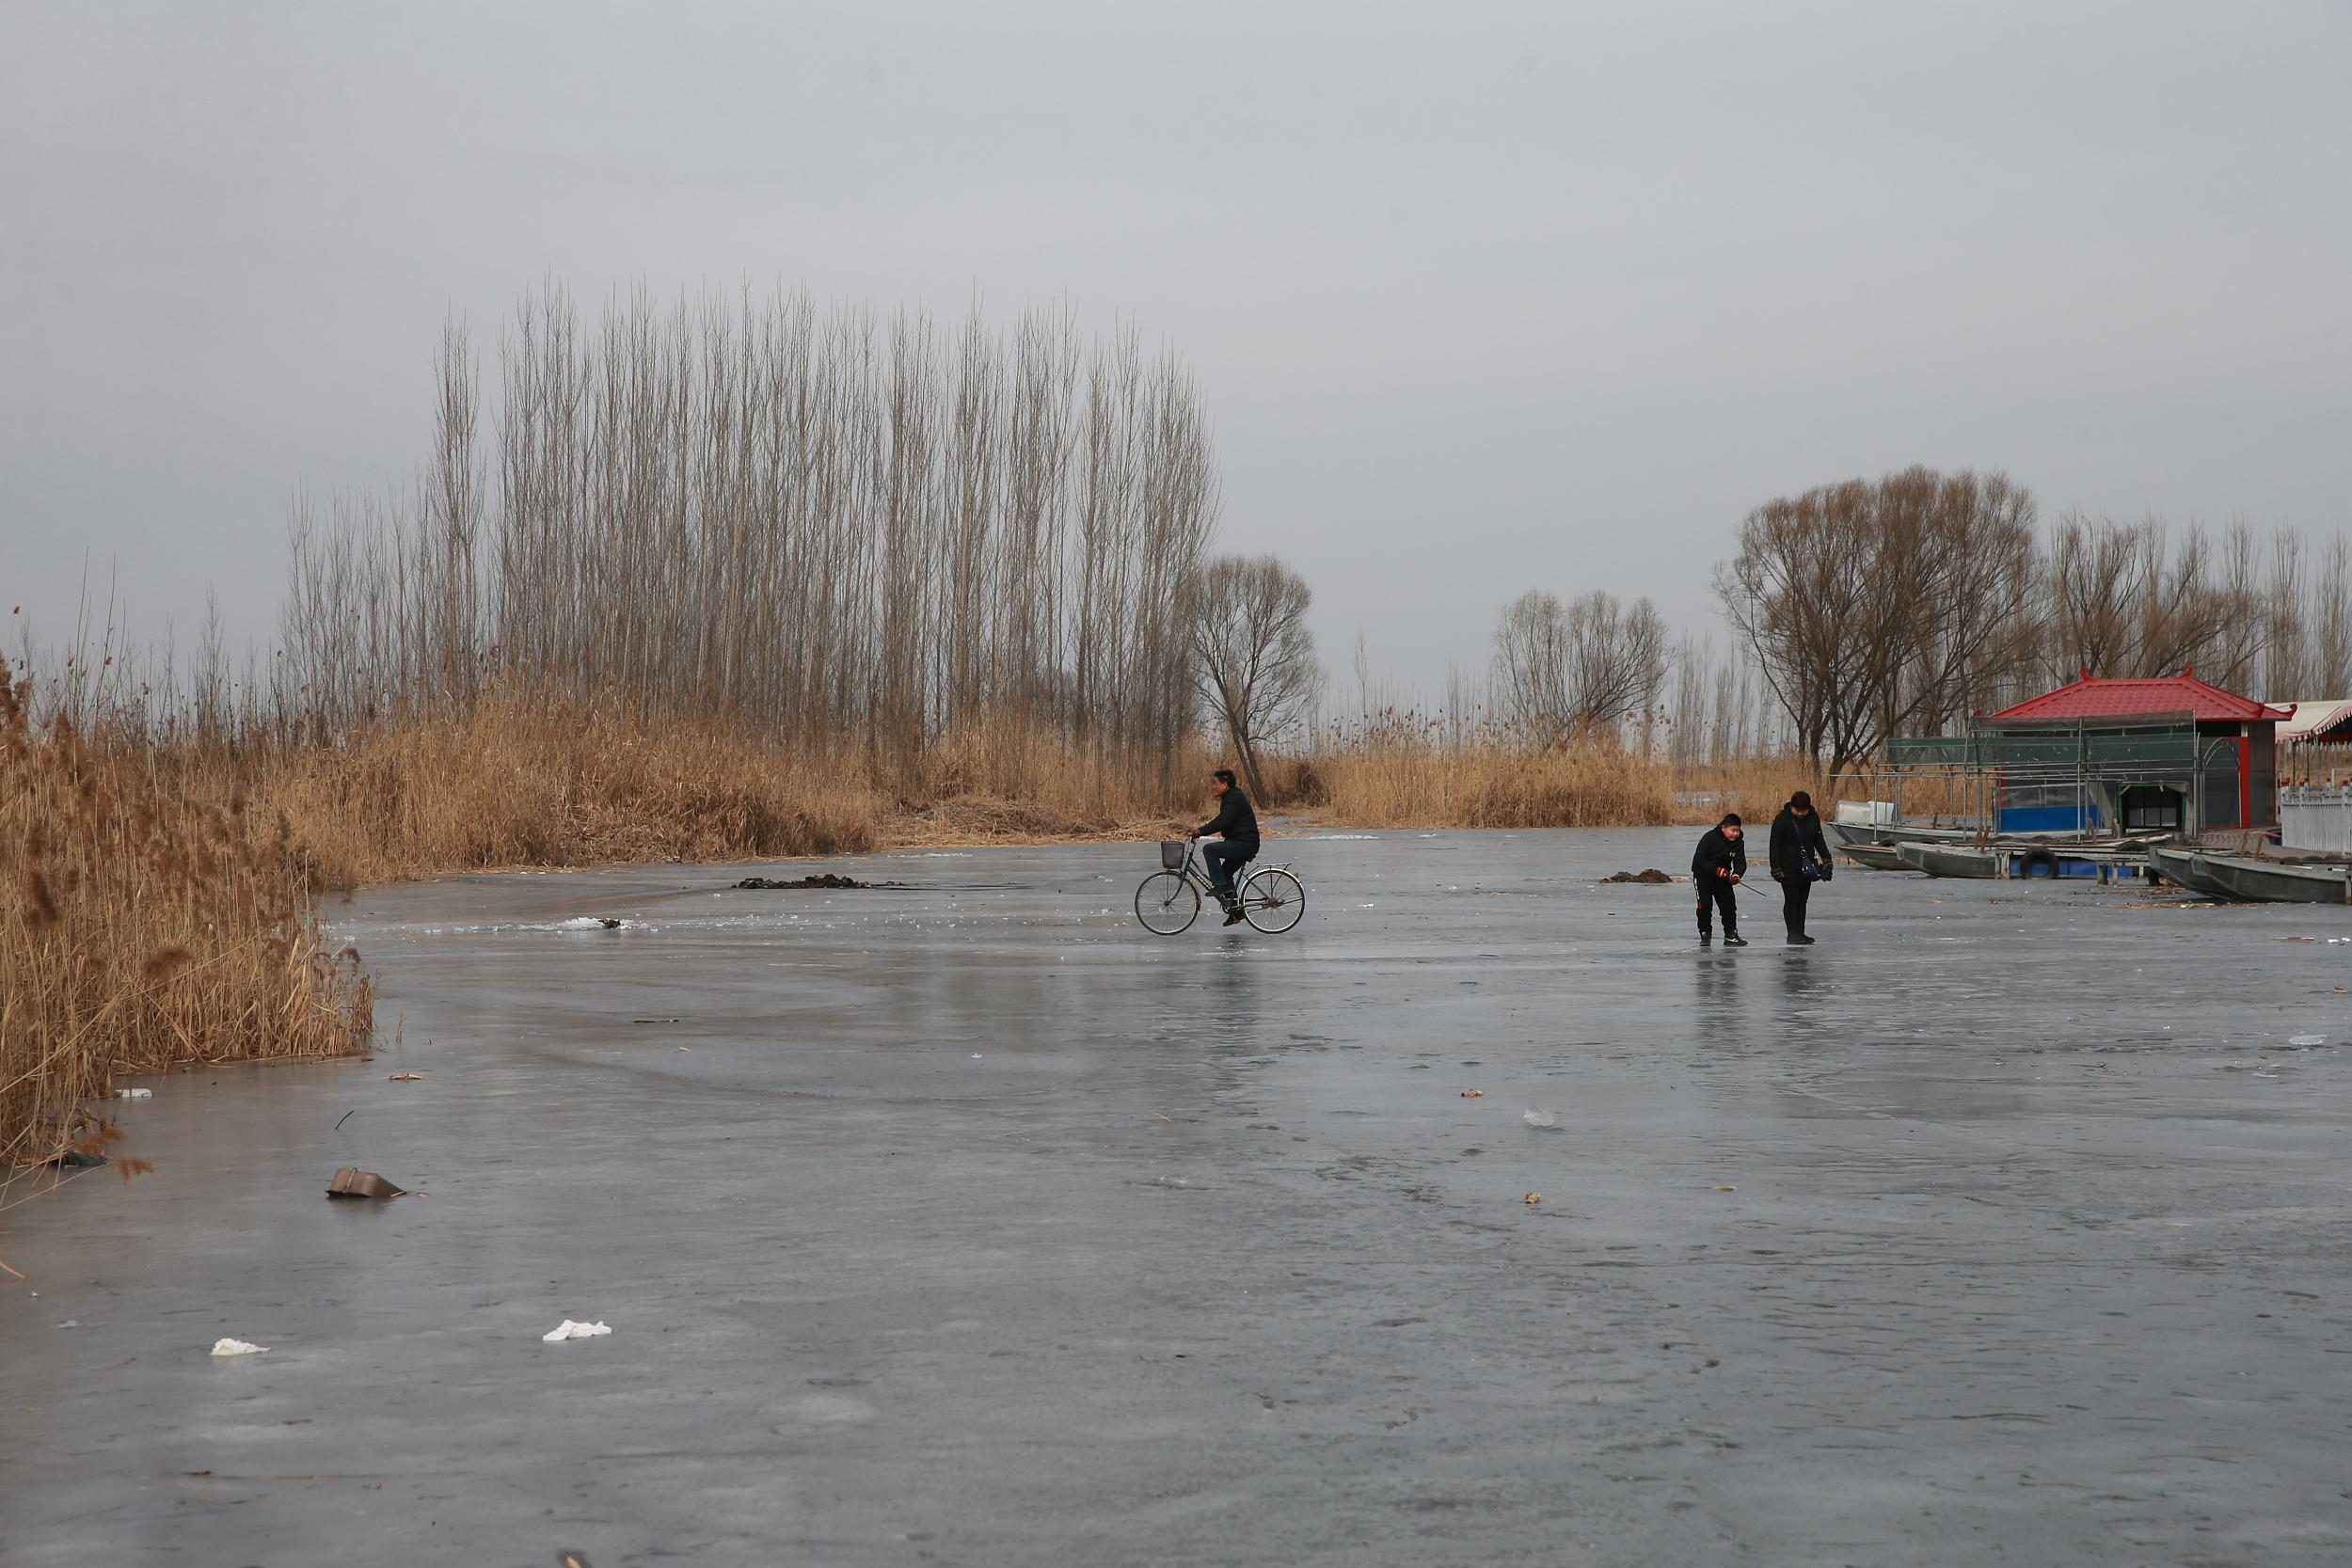 河北雄安:冬季白洋淀别有情趣不能情趣体验初看么图片